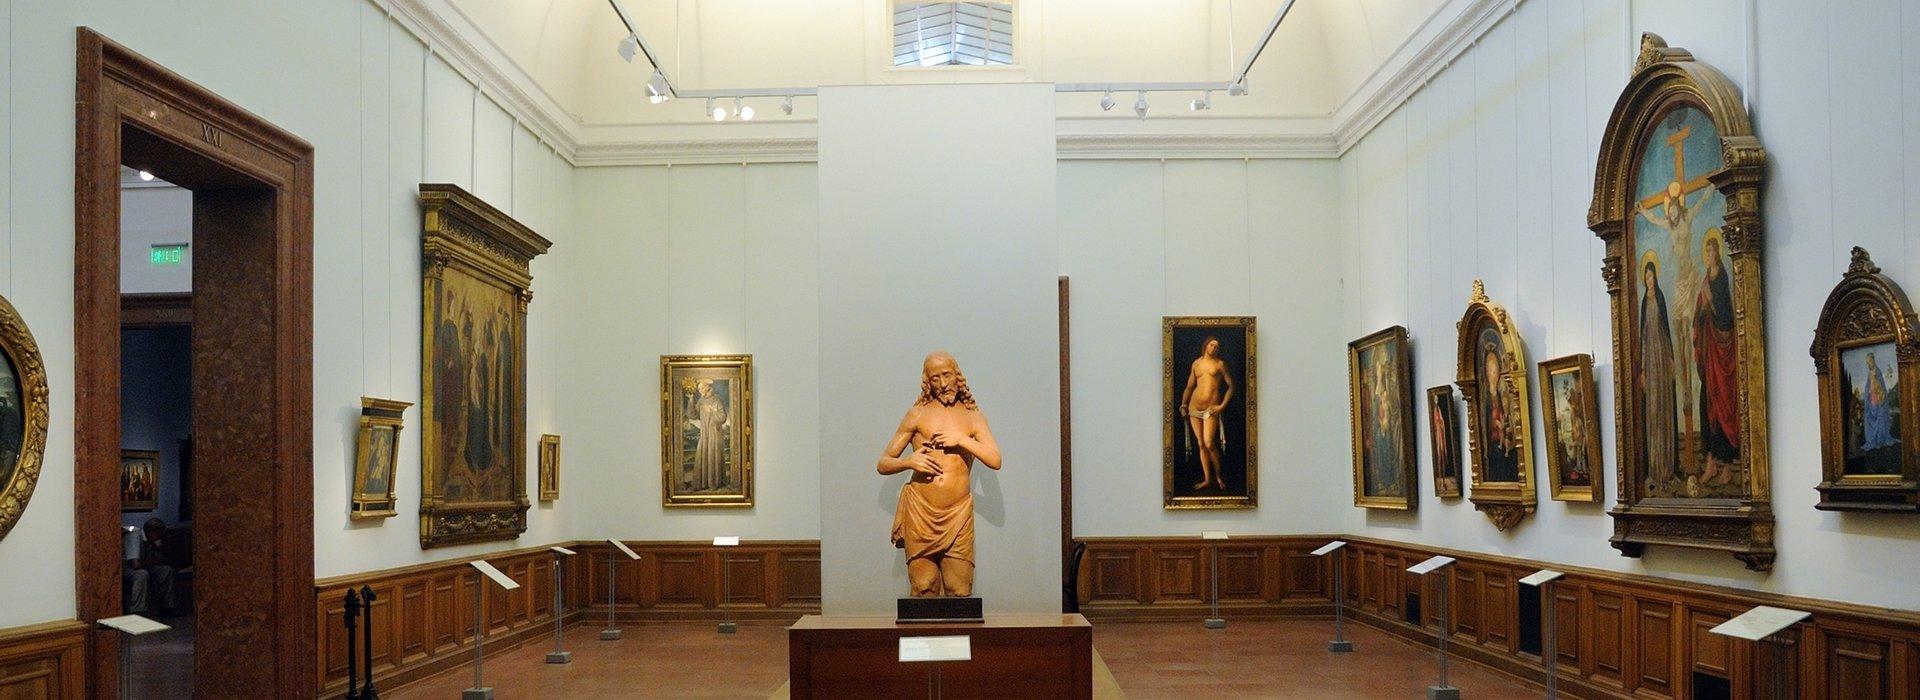 Ausstellungshallen & Galerien